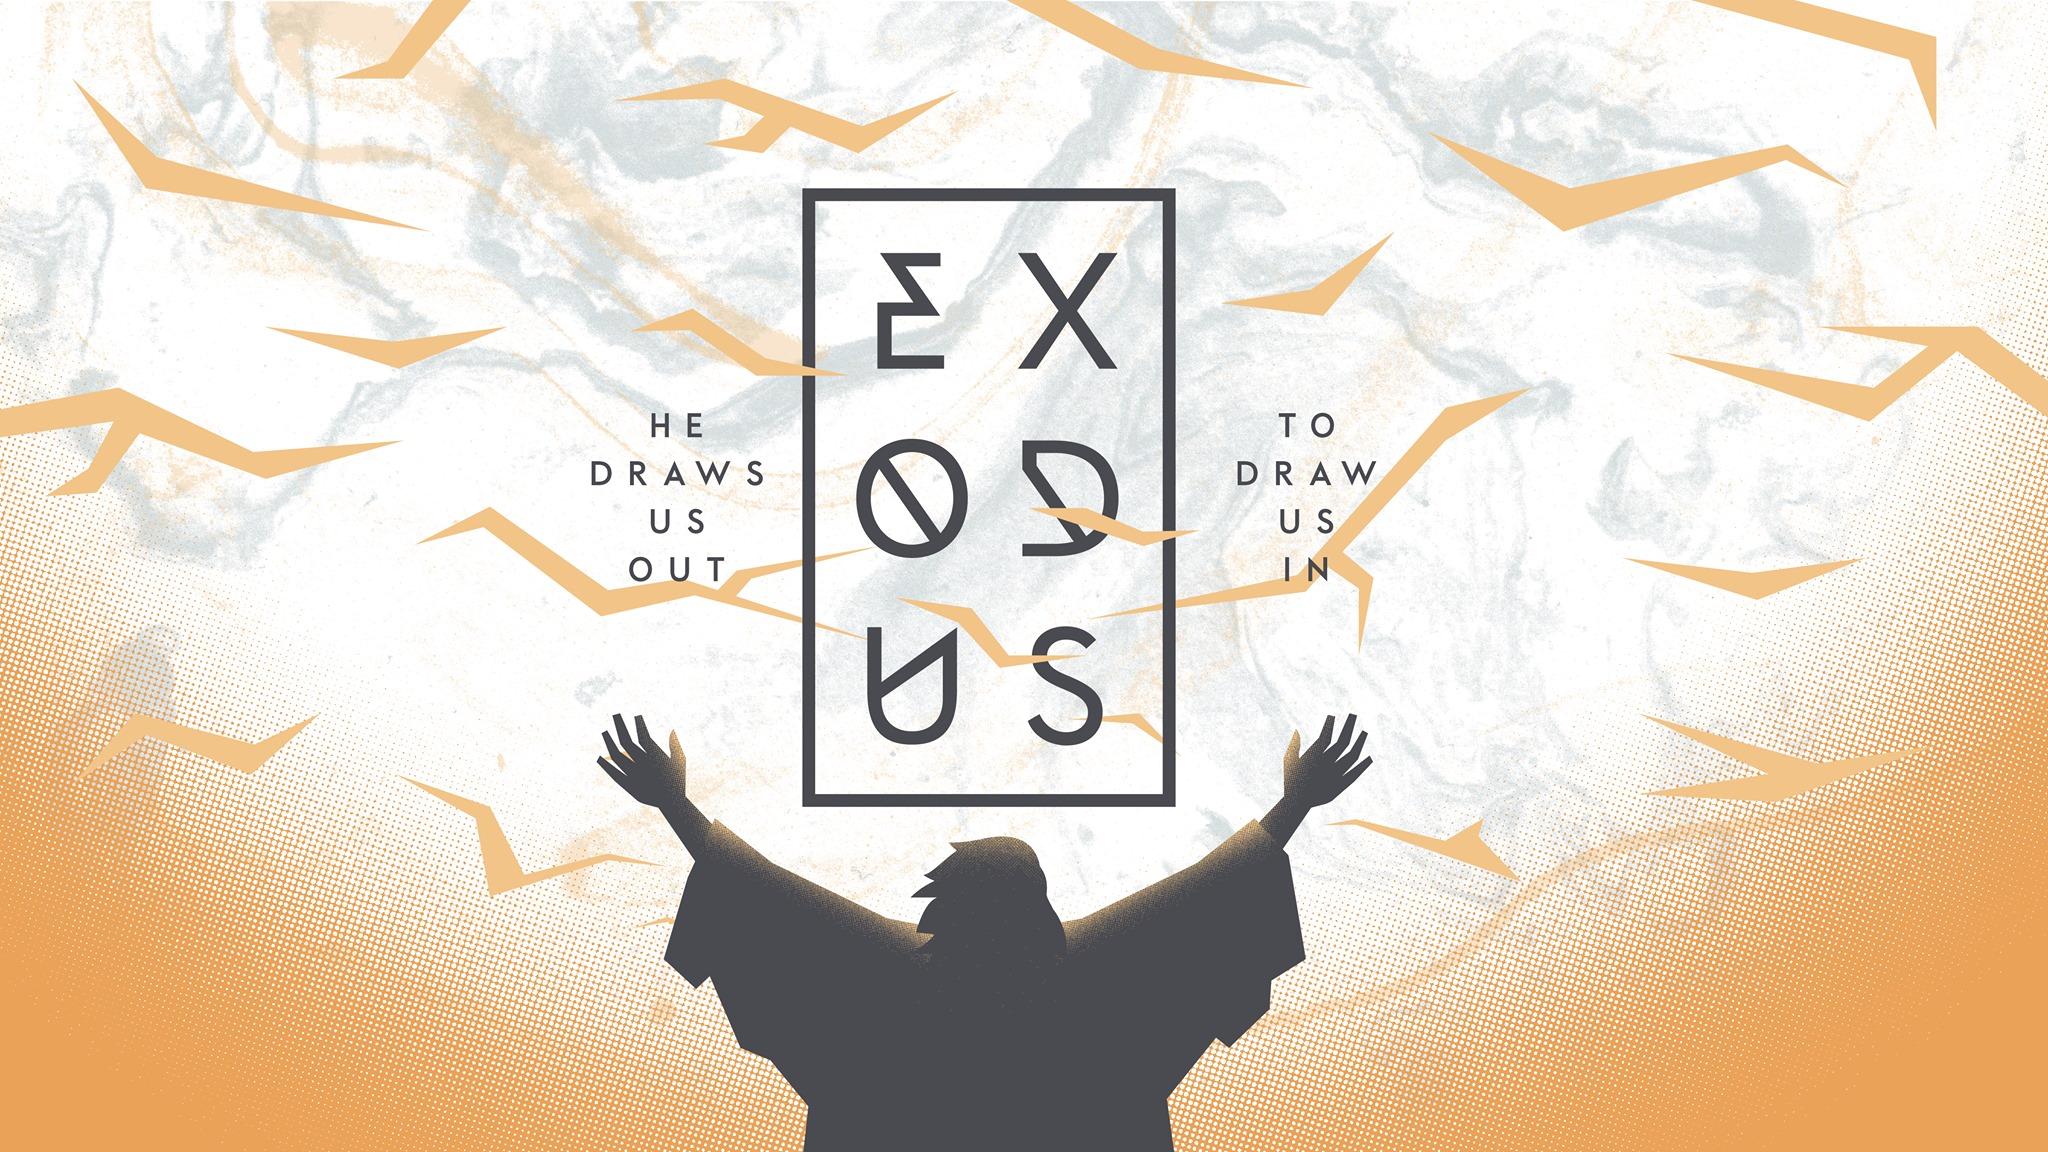 Exodus - A series through the book of Exodus.